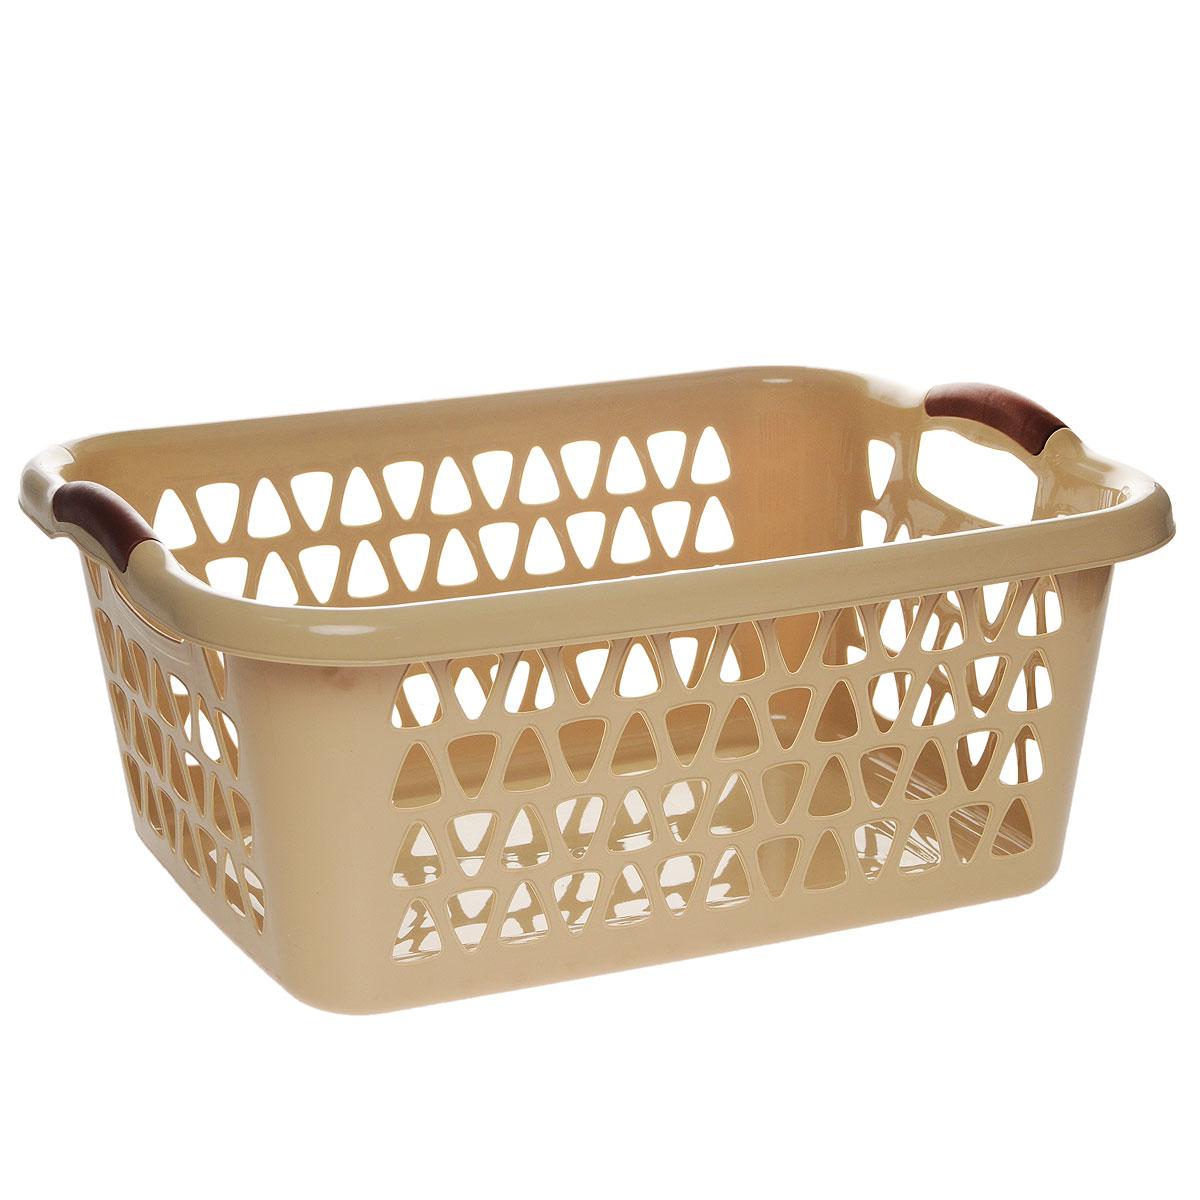 Корзина для хранения Dunya Plastik Симпатия, прямоугольная, цвет: бежевый, 51 х 35 х 20 см05101Классическая корзина Dunya Plastik Симпатия, изготовленная из пластика, предназначена для хранения мелочей в ванной, на кухне, даче или гараже. Позволяет хранить мелкие вещи, исключая возможность их потери. Это легкая корзина со сплошным дном, жесткой кромкой, с небольшими отверстиями. Изделие оснащено удобными ручками.Размер: 51 см х 35 см х 20 см.